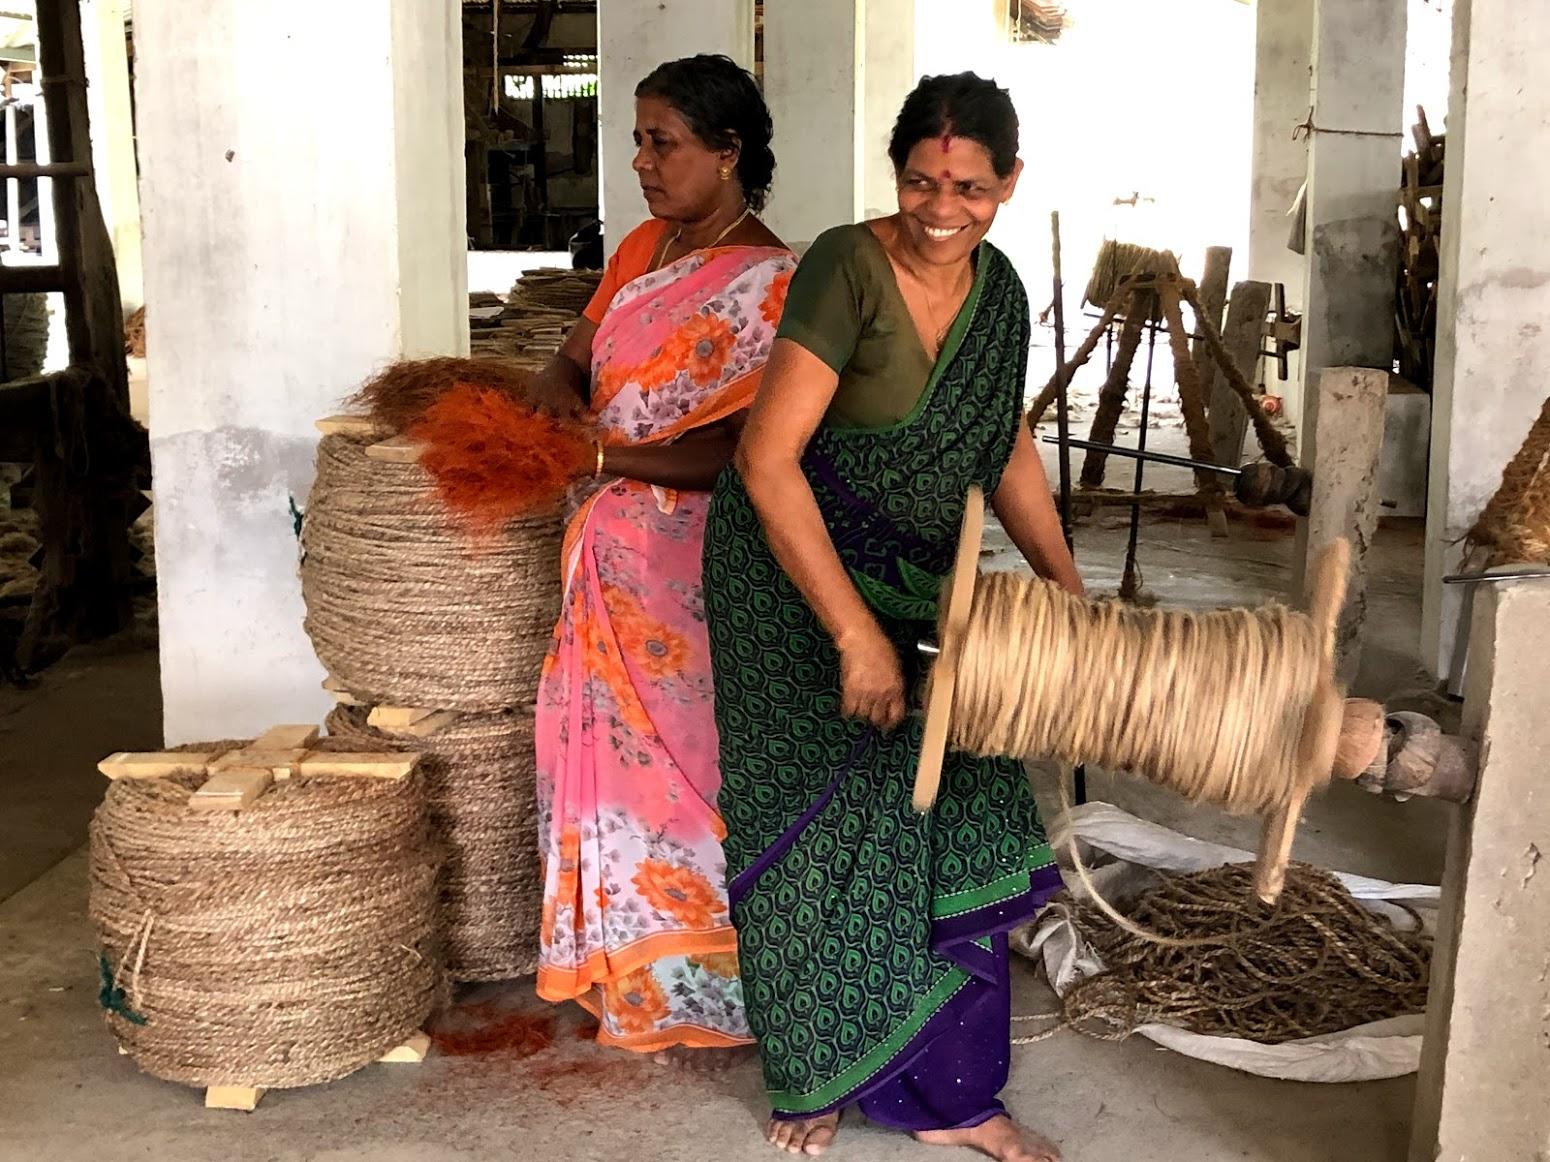 Tipos de sari indiano